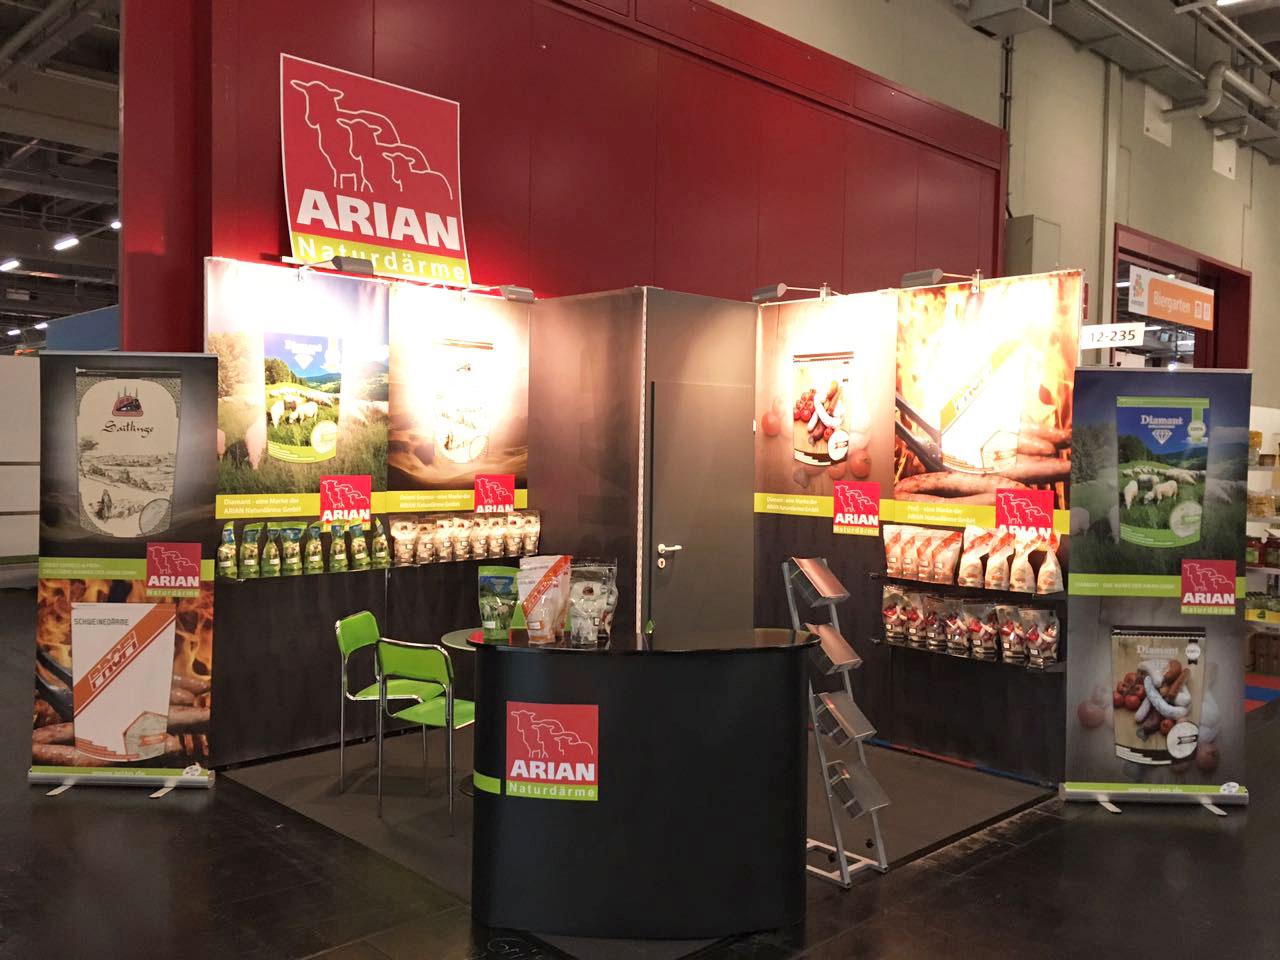 ARIAN Messe Evenord Nürnberg 2017